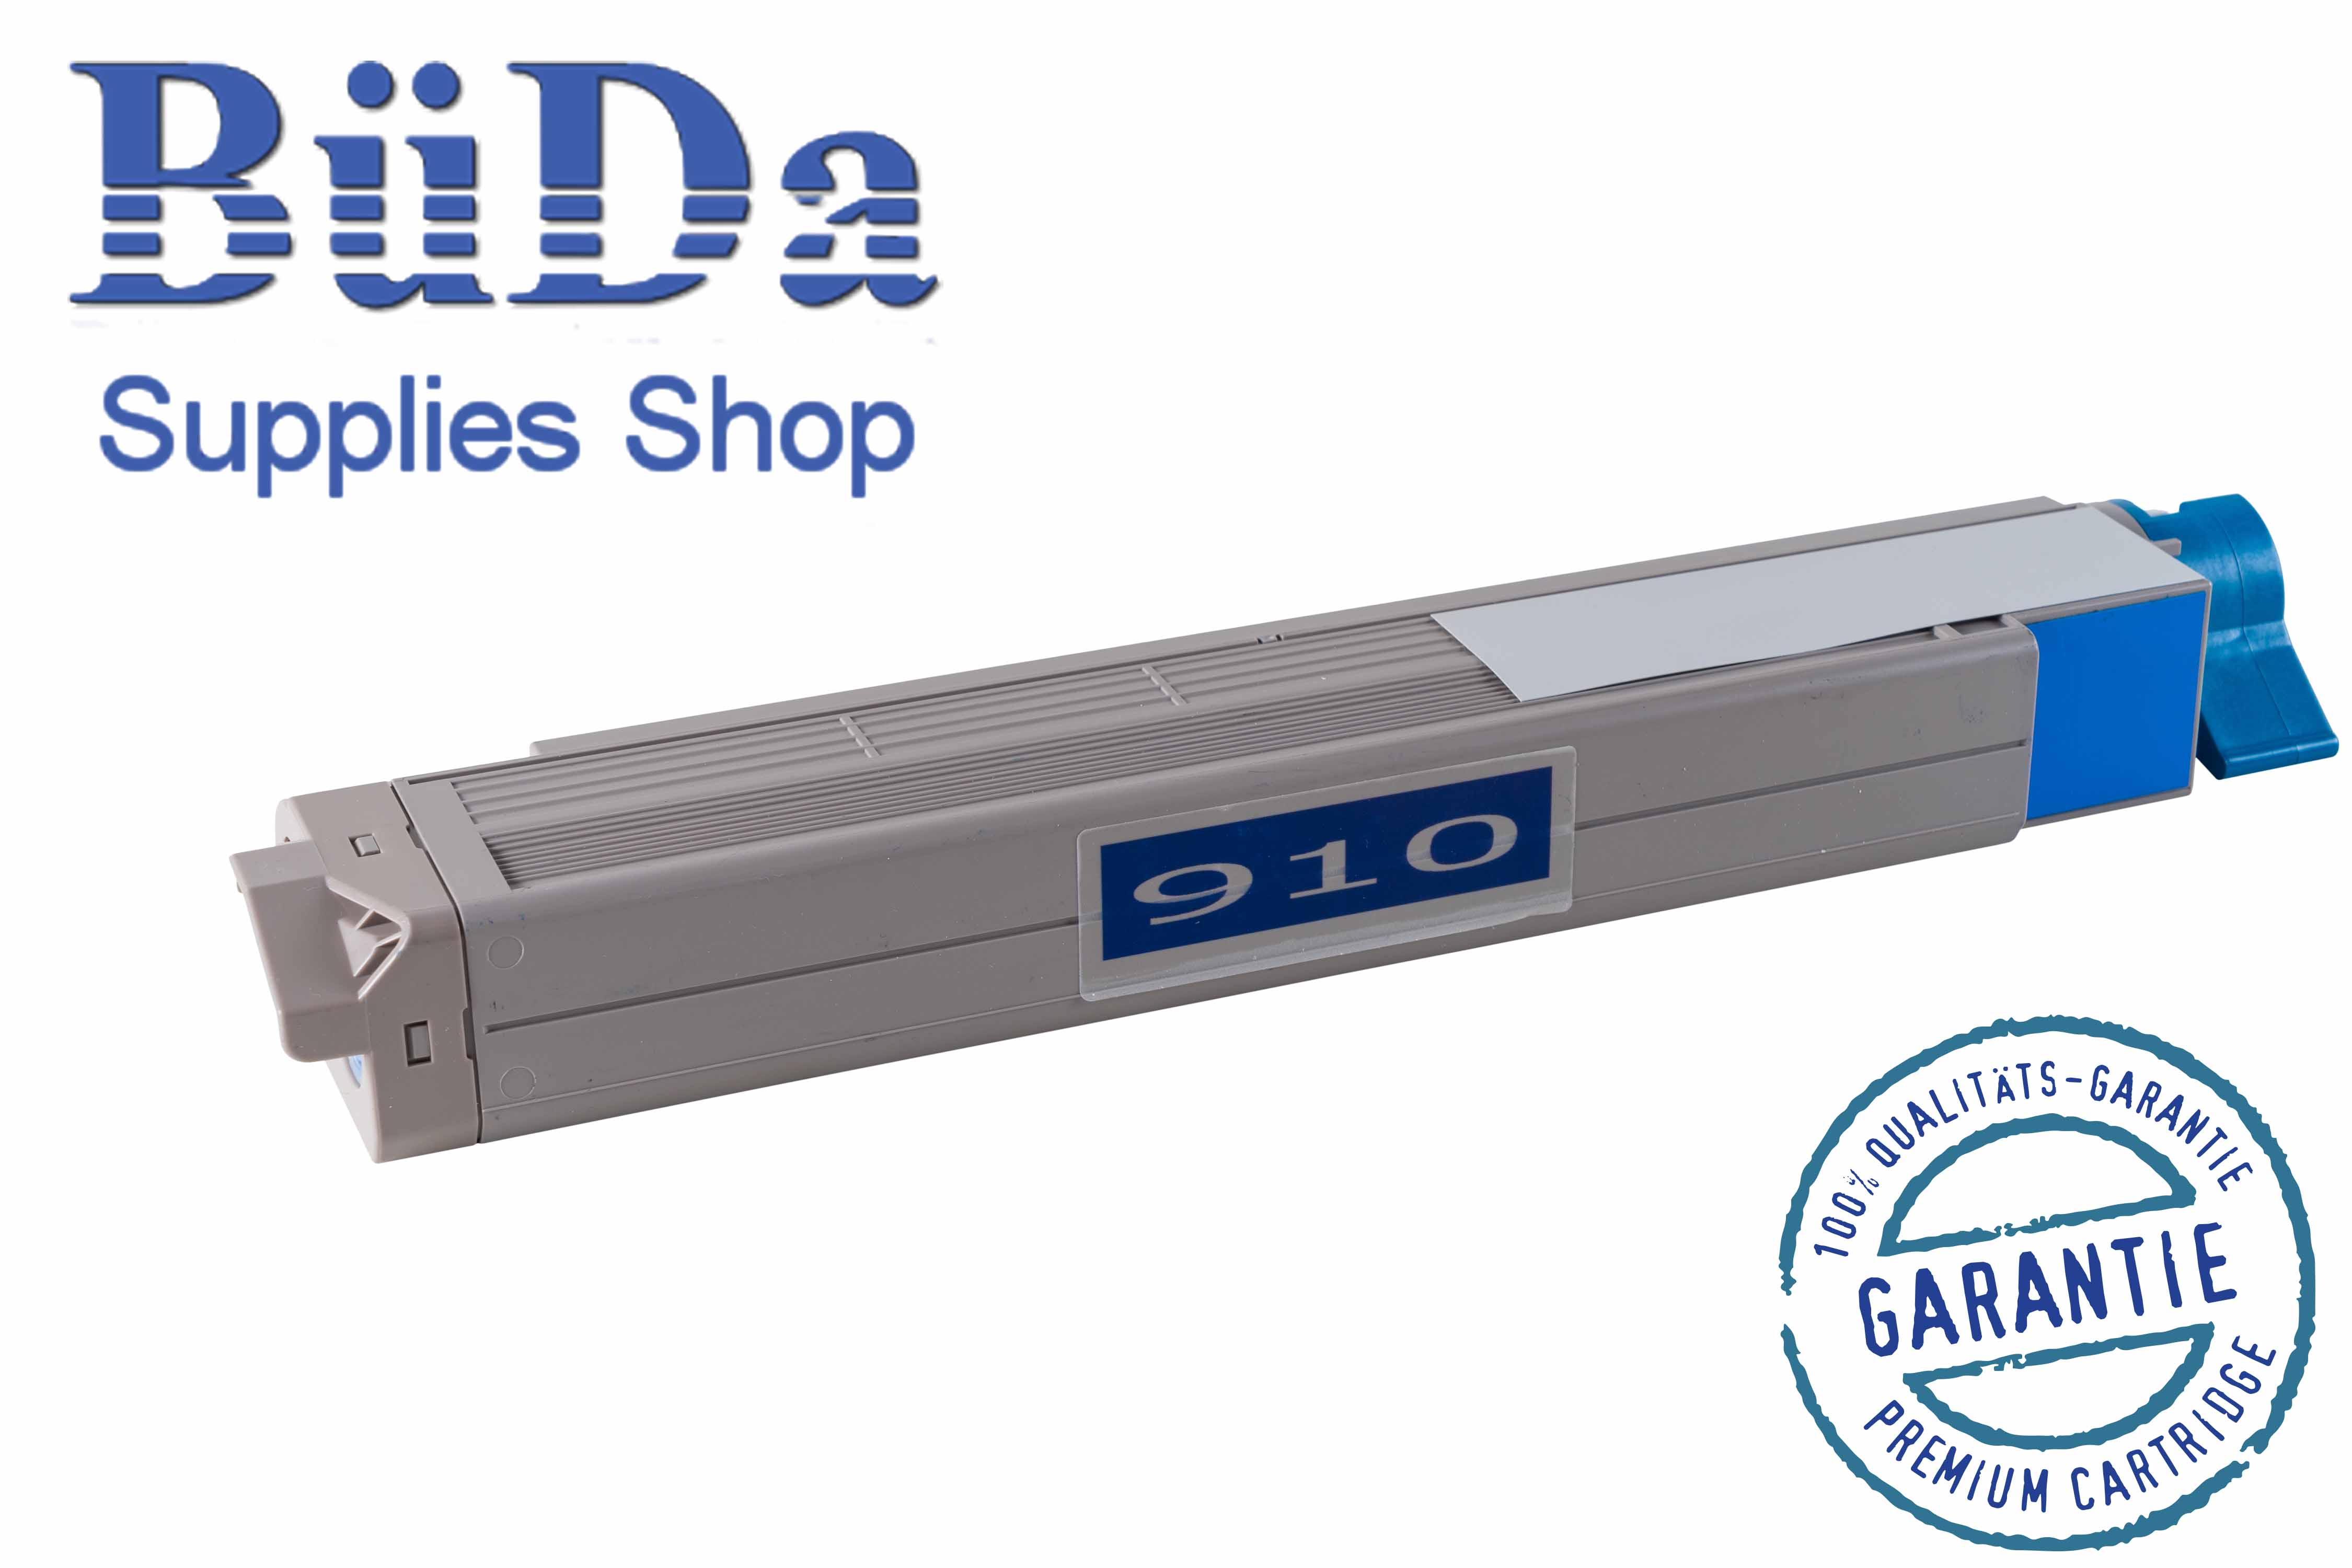 Toner-Modul komp. zu OKI C910 cyan 15000 Seiten